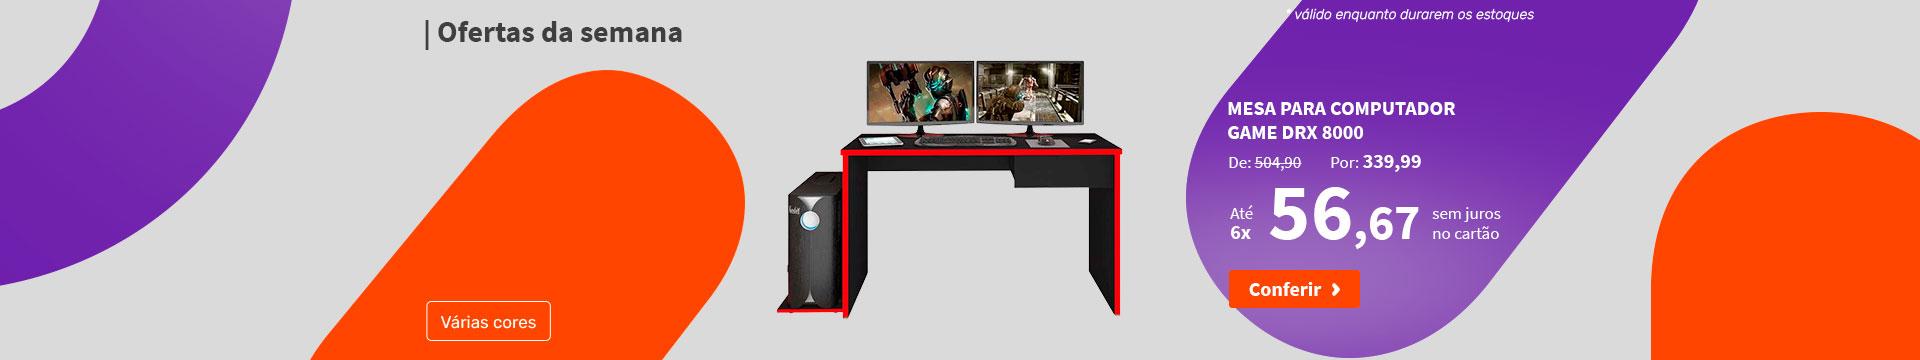 Mesa para Computador Game DRX 8000 - Ofertas da semana